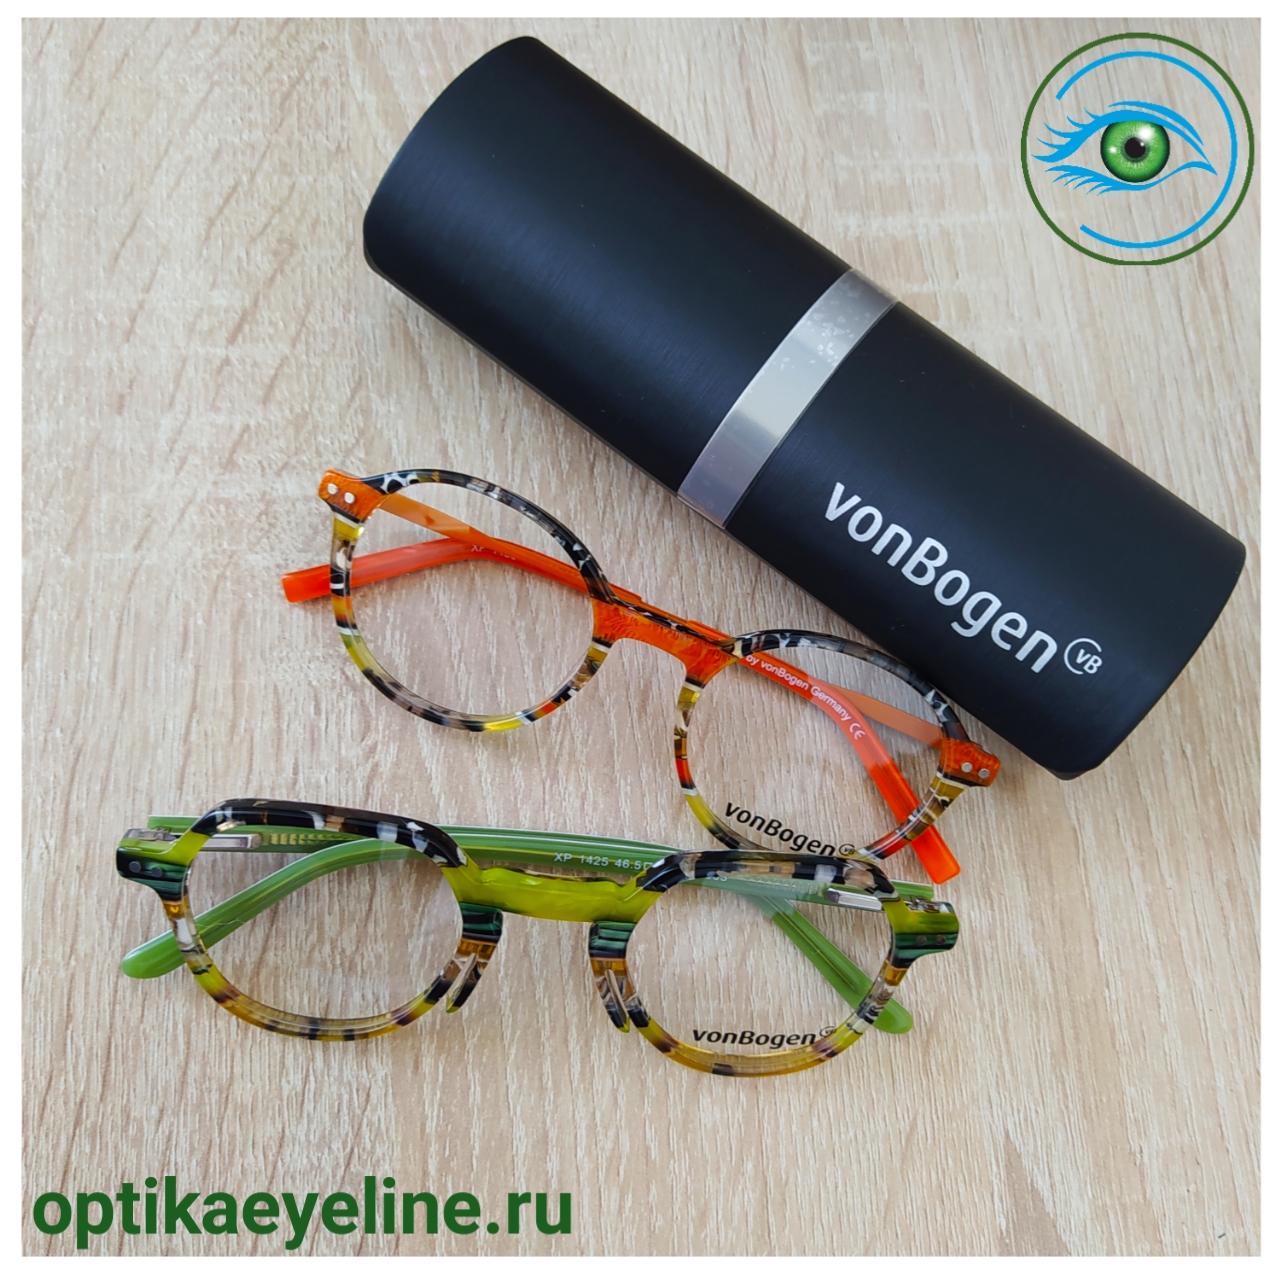 Фото оправа VonBogen с футляром в оптике Eyeline